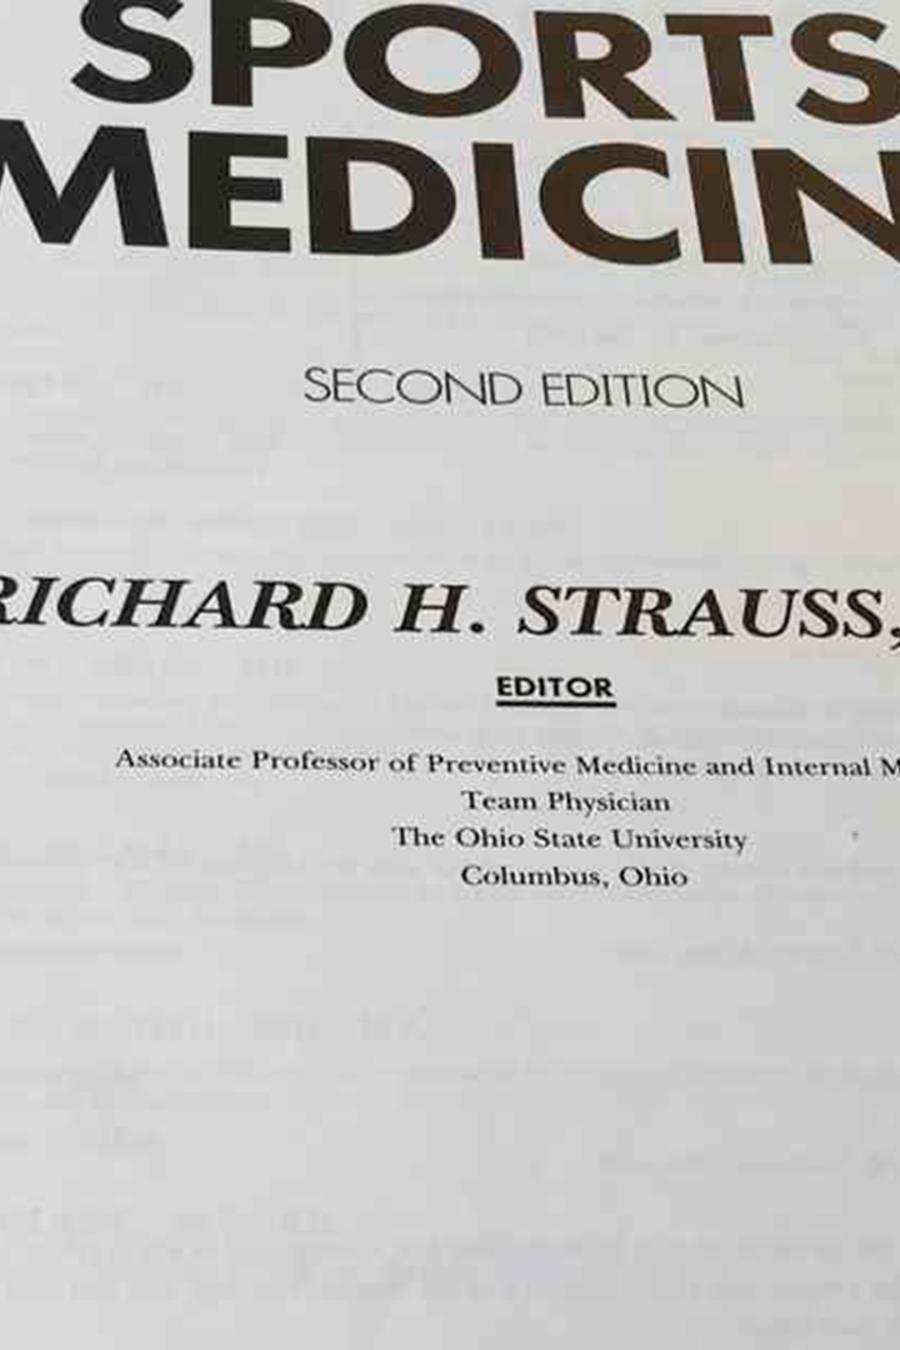 Un libro sobre medicina deportiva editado por Strauss en la biblioteca de la Universidad Estatal de Ohio.